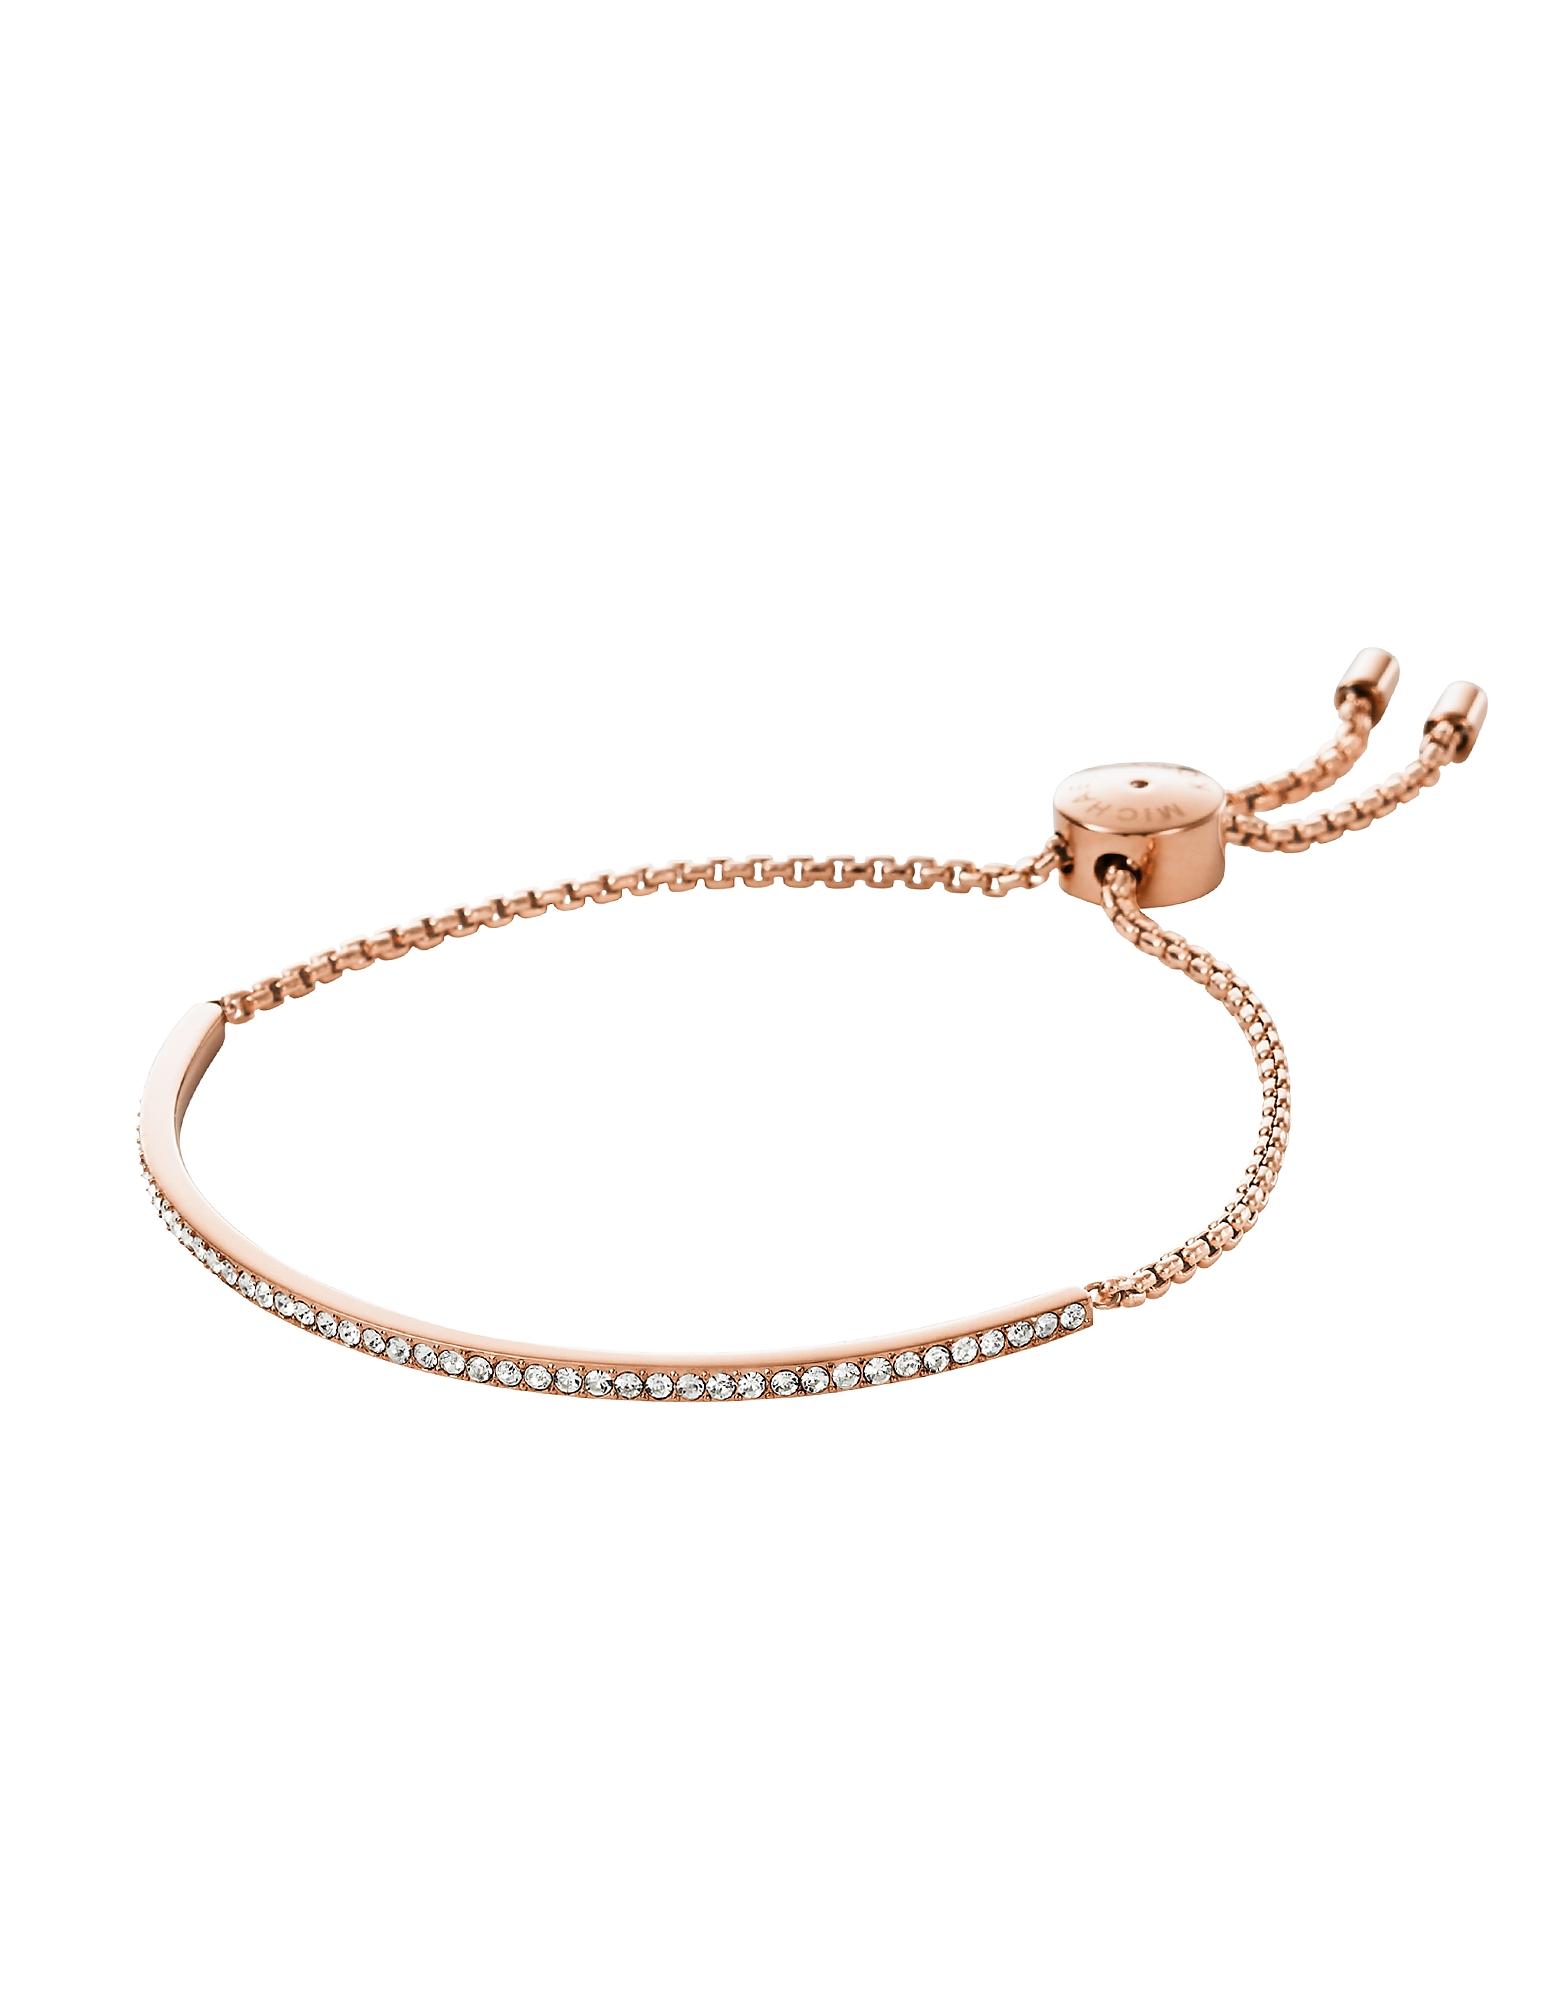 Brilliance - Браслет из Металла Оттенка Розового Золота с Кристаллами